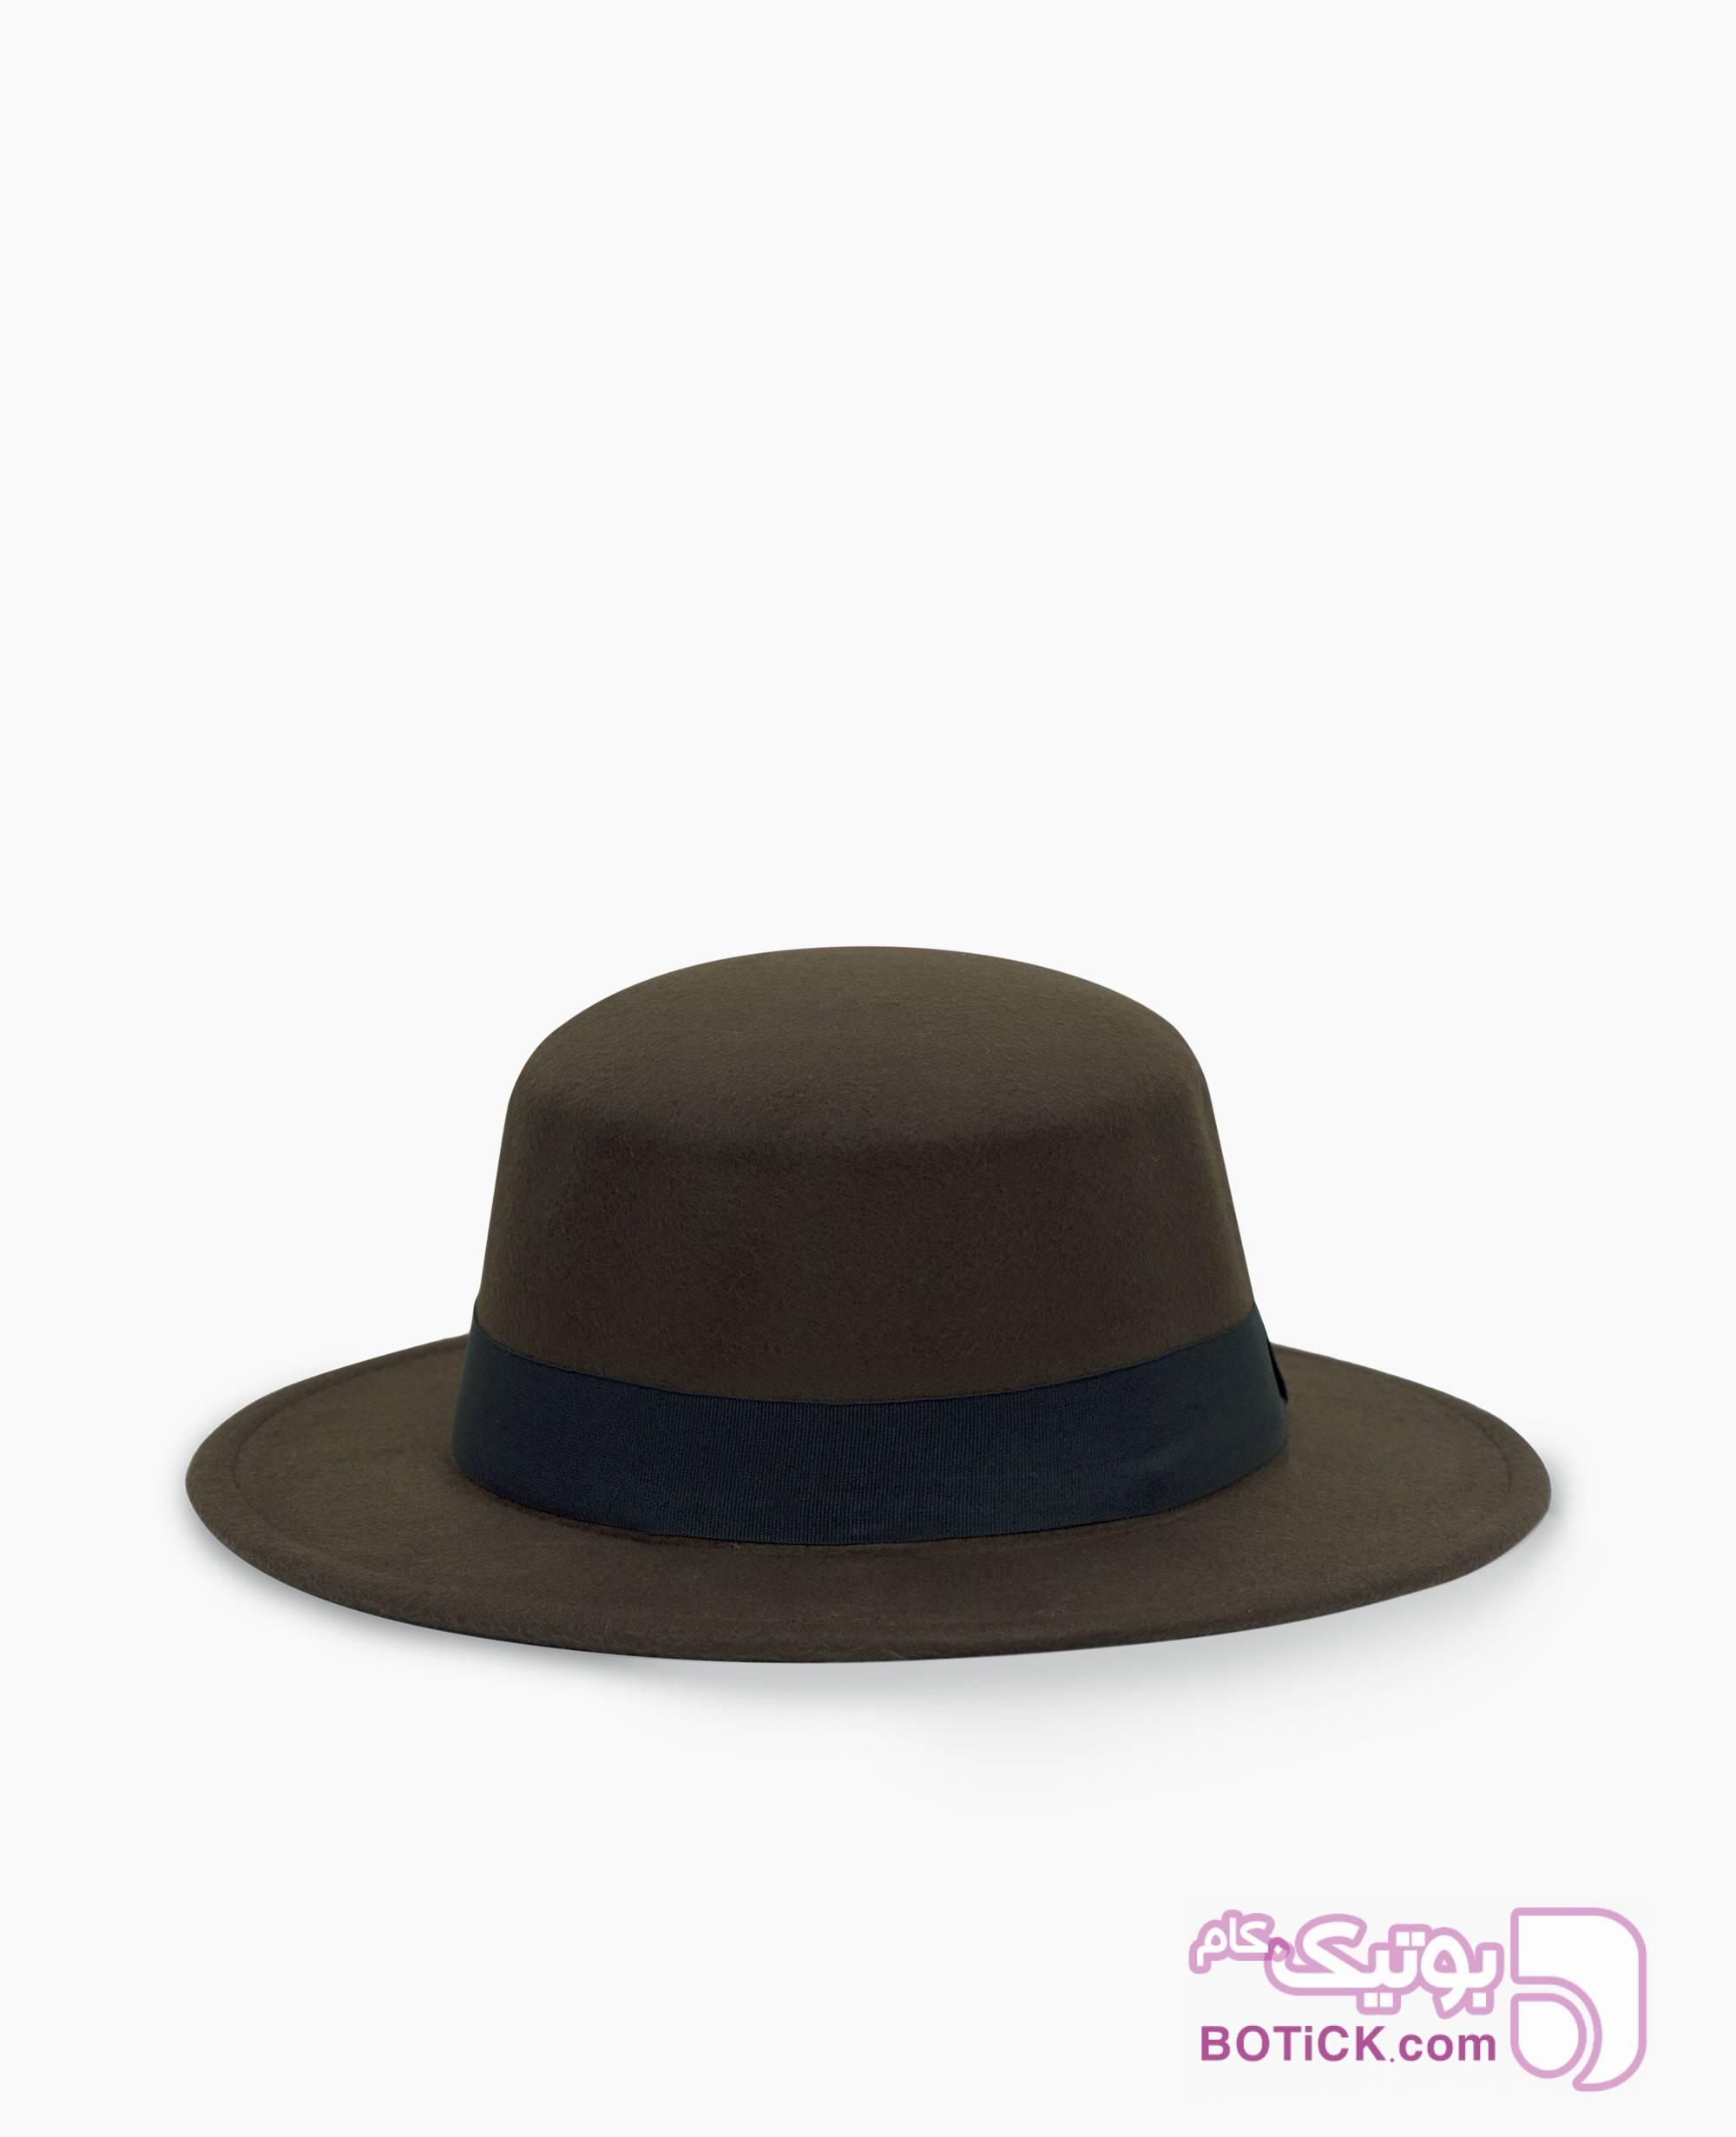 کلاه FEDORA کد 9547 سورمه ای کلاه و اسکارف